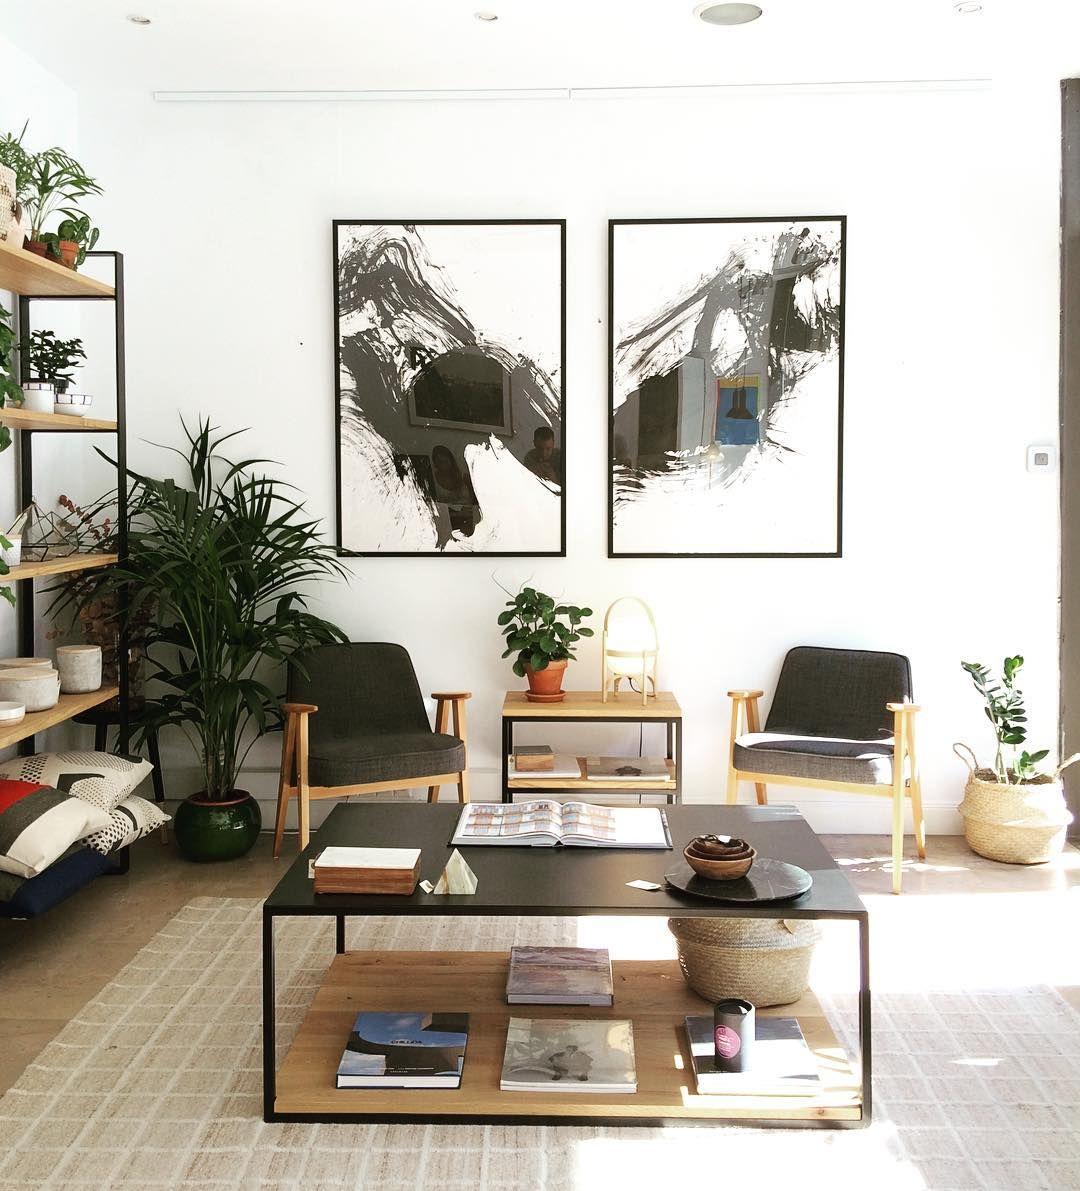 Y Por Fin Hemos Colgados Los Cuadros Del Artista Albert Lekuona Qué Os Parece El Resultado Decoracion Living Muebles A Medida Muebles